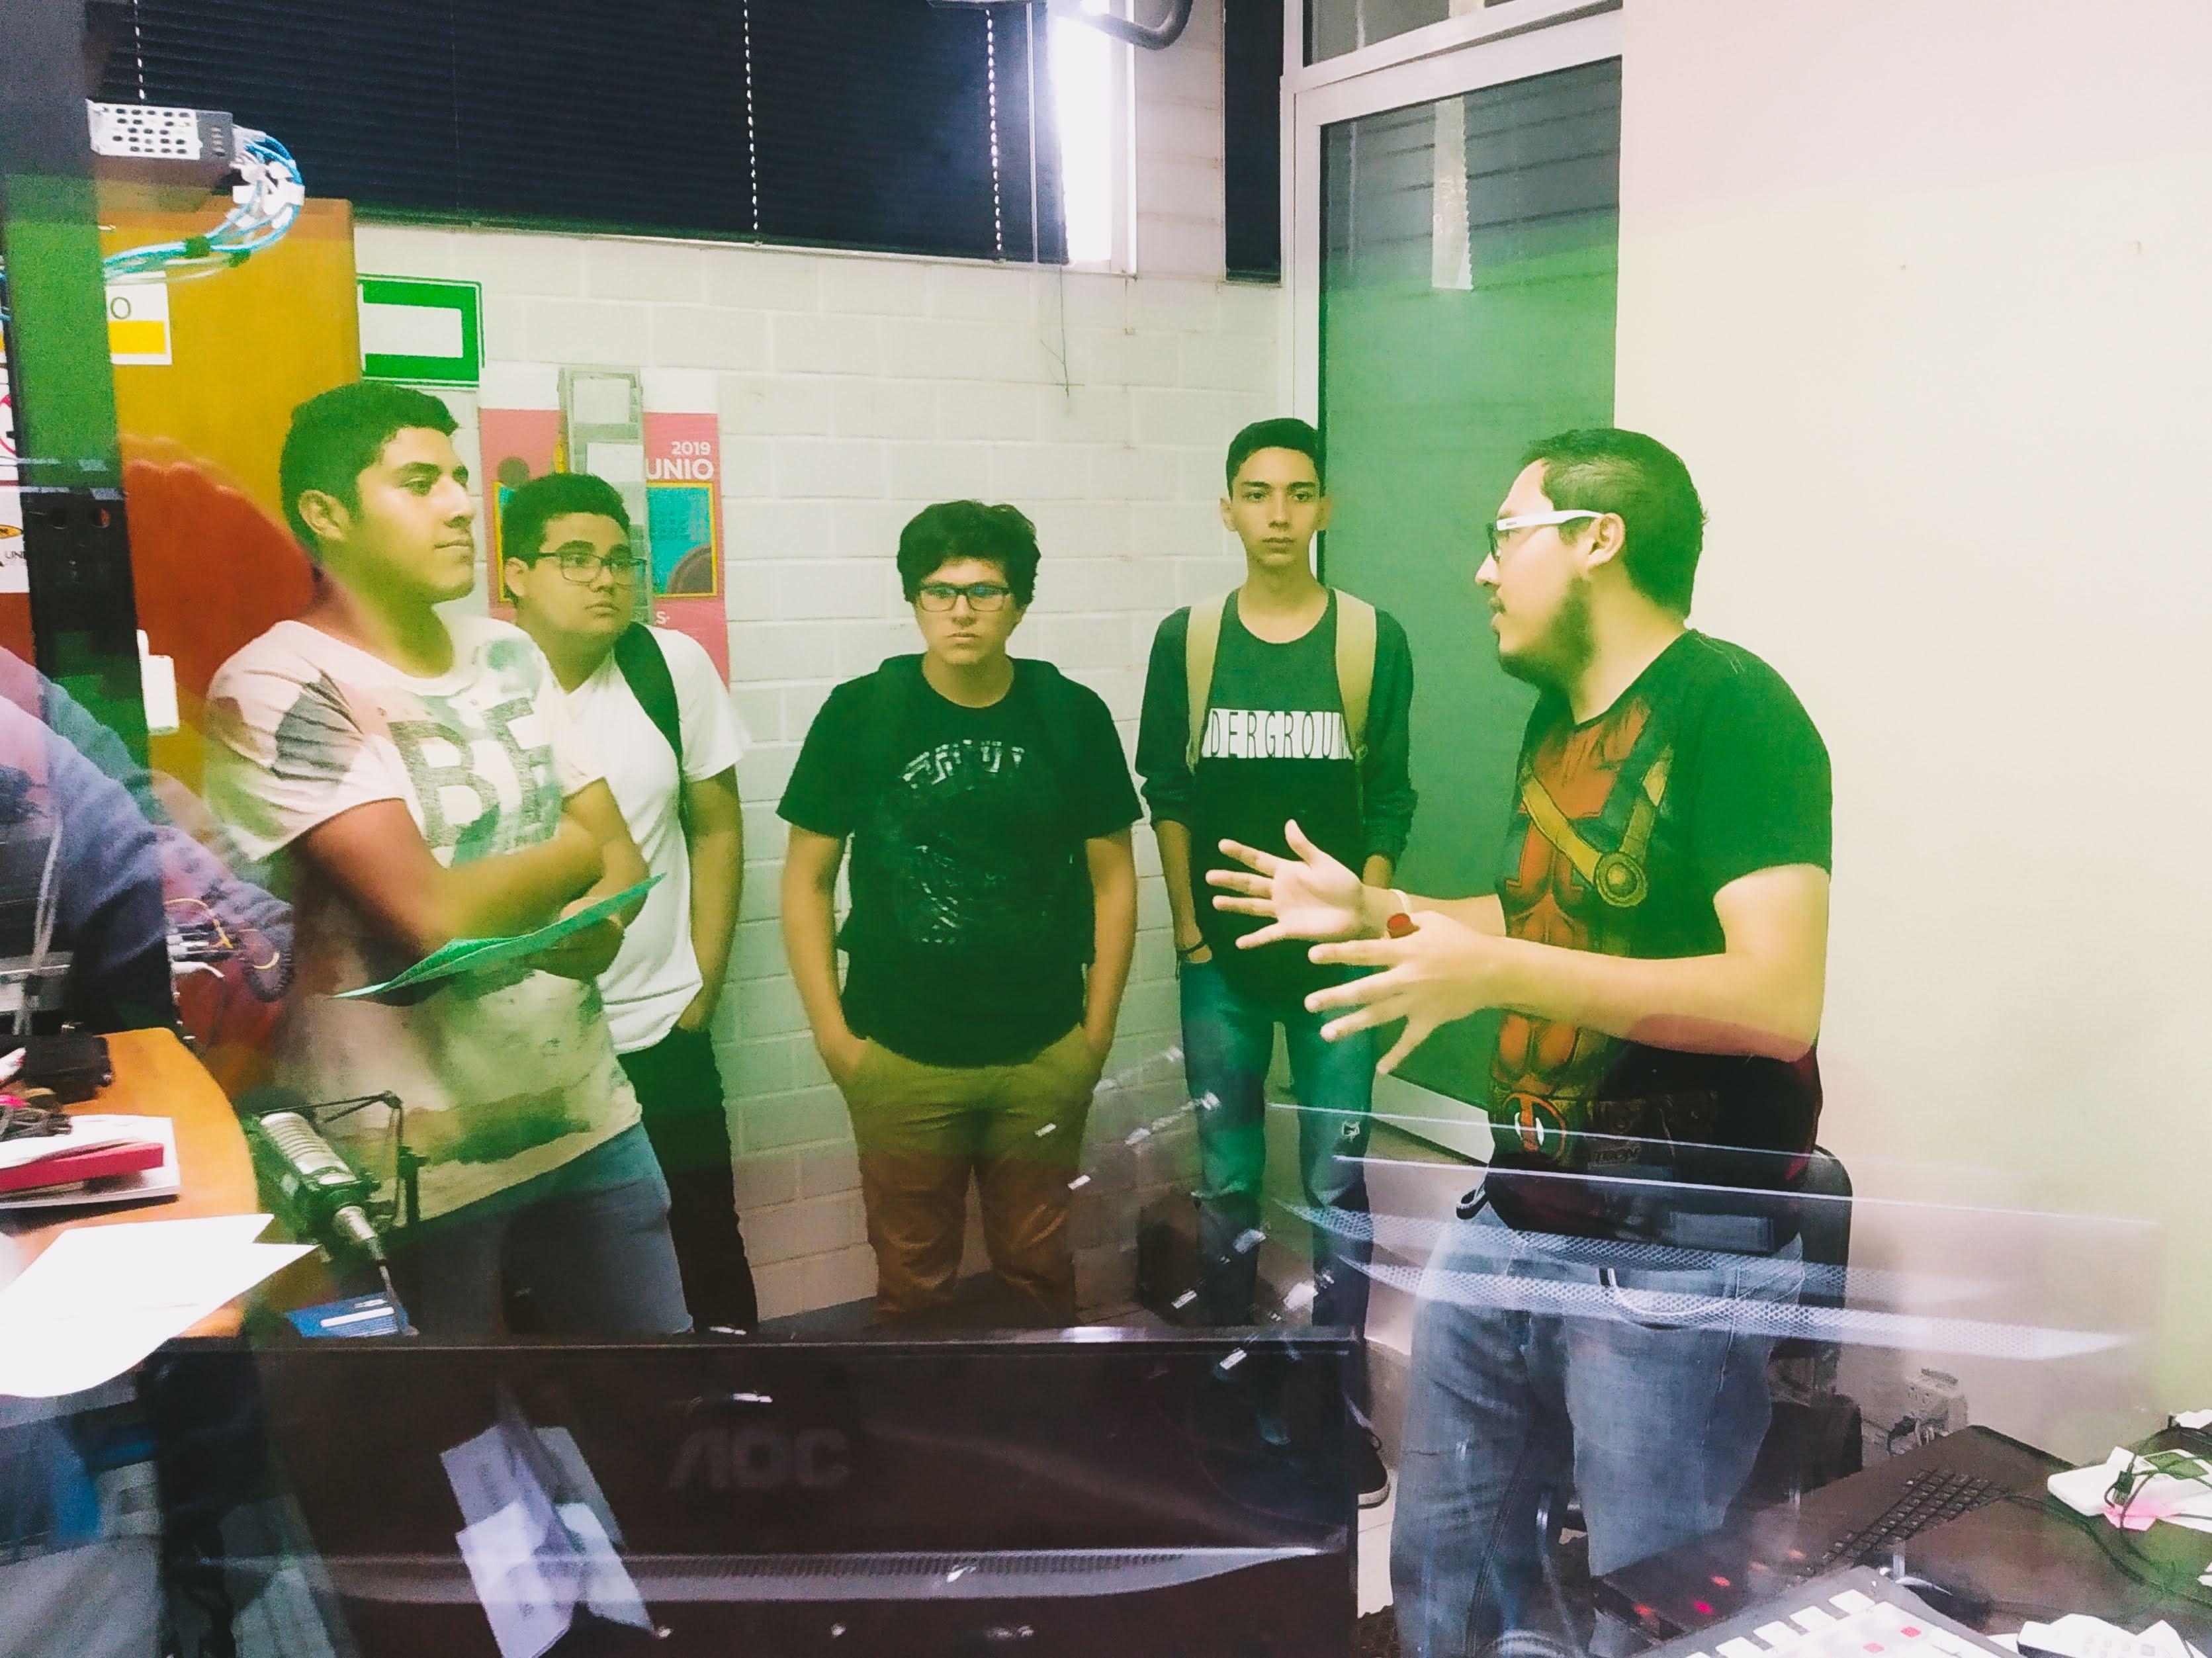 Jorge Luis Cue Hernandez enseñando radio a nuevos alumnos multimedia CUC